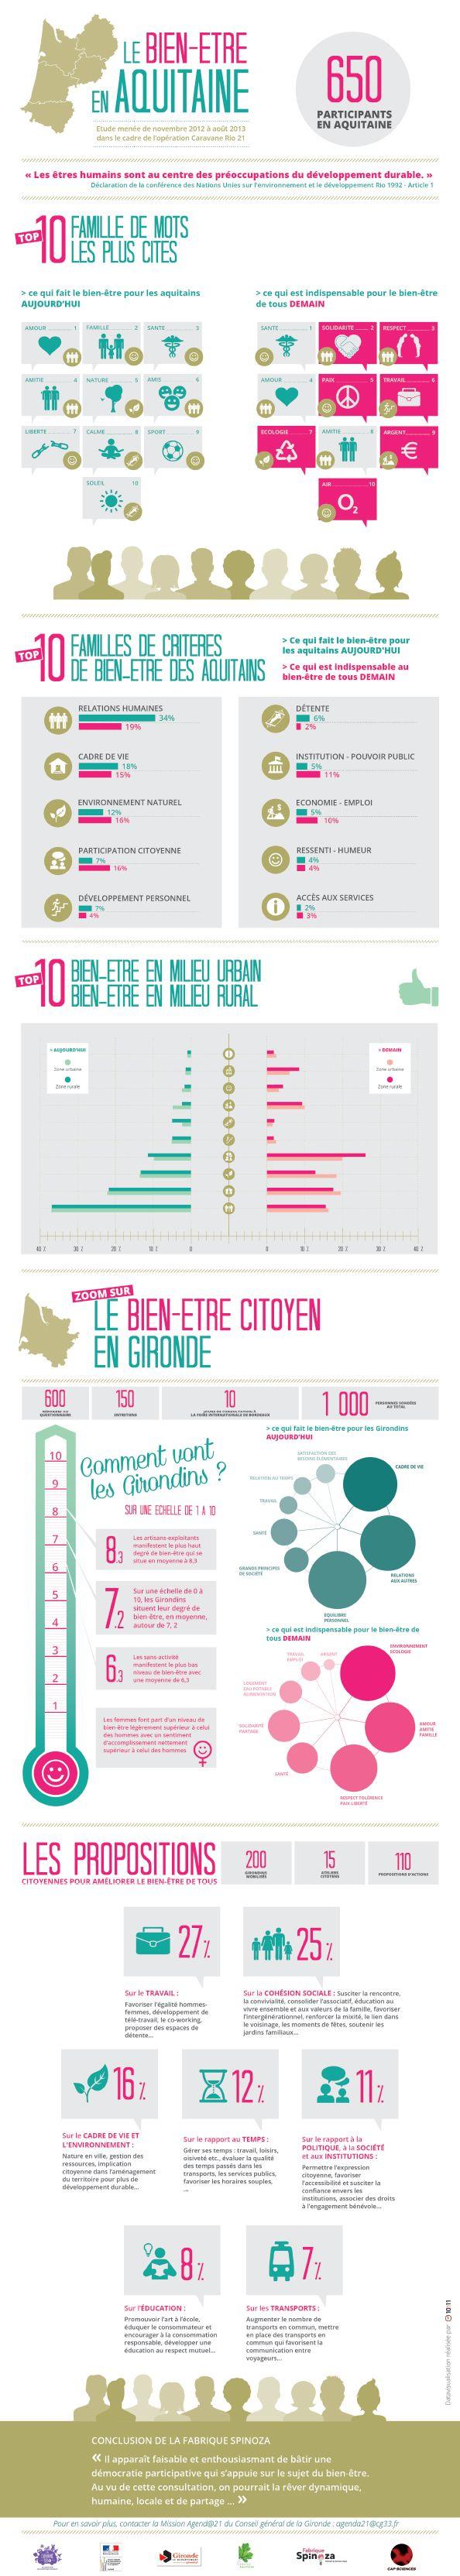 10h11 réalise le #bilan #visuel de l'étude sur le bien-être de #CapSciences en association avec le département de la #Gironde. Synthèse visuelle, une #infographie voit le jour et se retrouve propulsée sur le site #internet des partenaires. #infographic #data #datavizualisation #paris